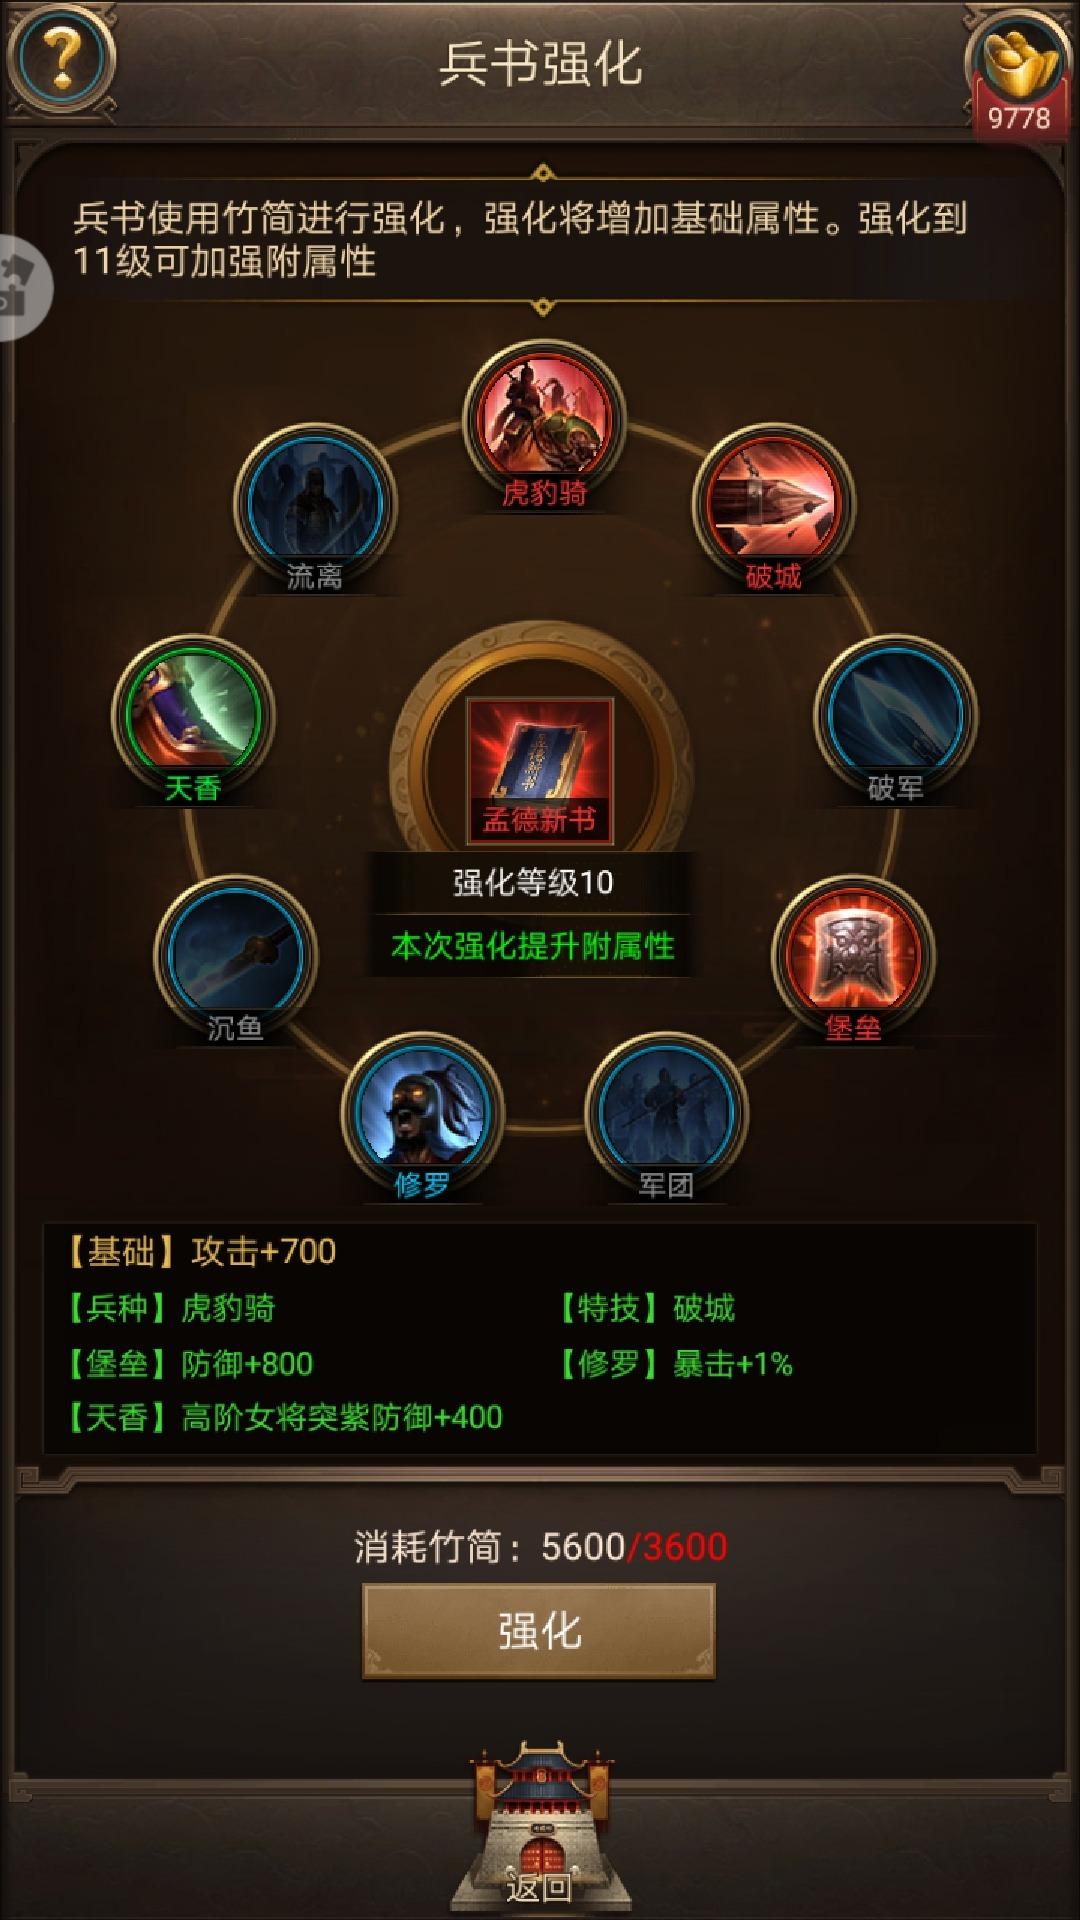 Screenshot_20191229_222321_juedi.tatuyin.rxsg.huawei.jpg